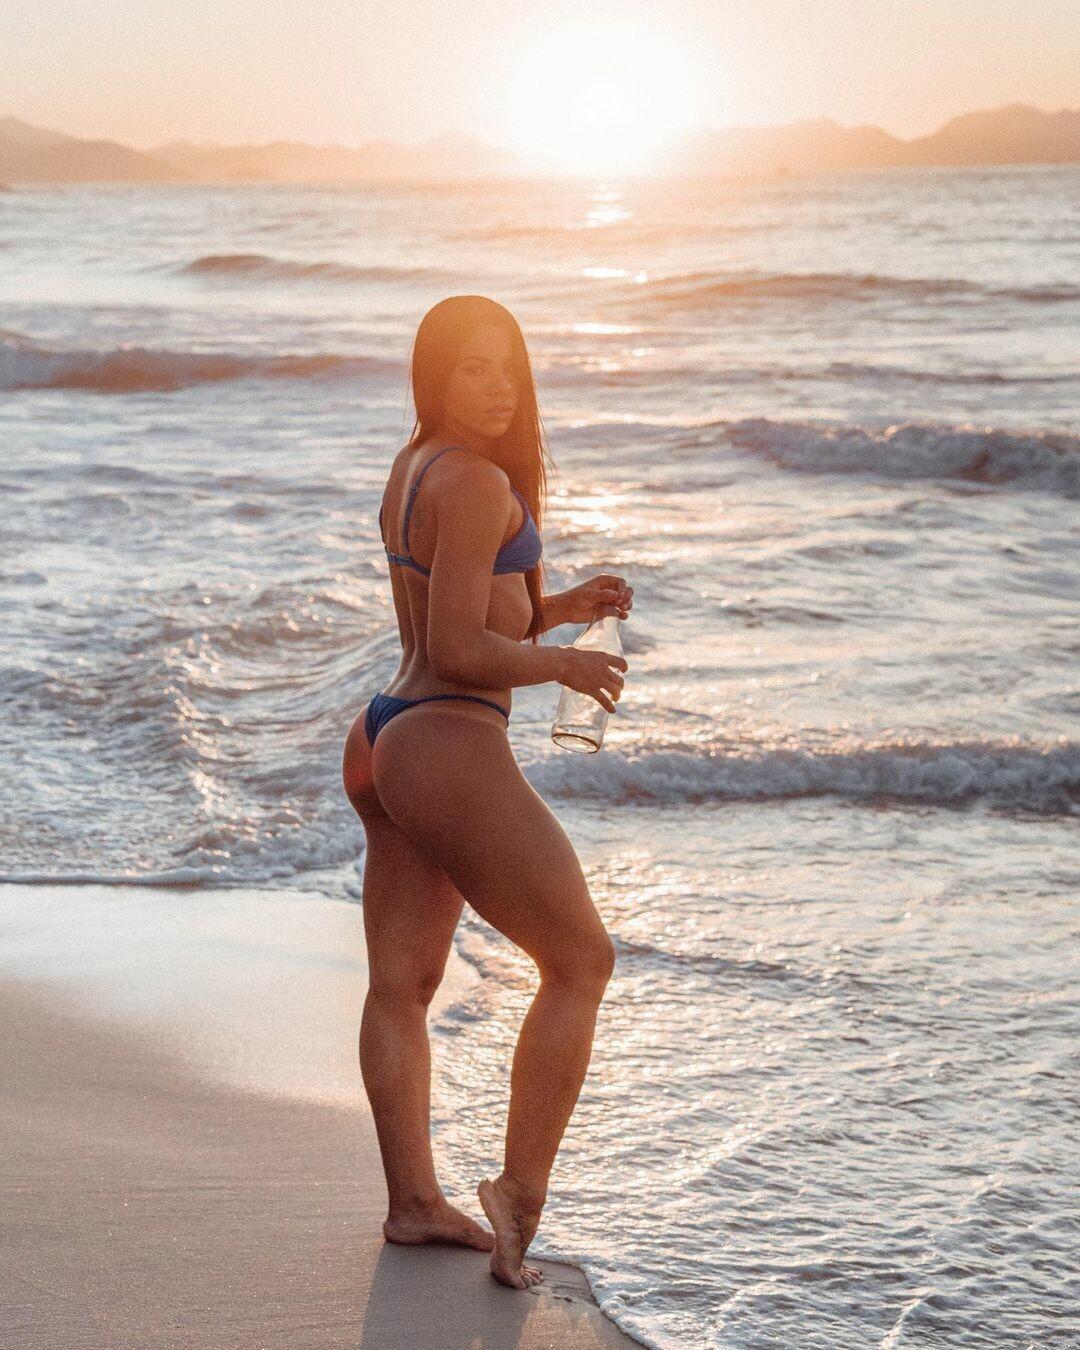 Любительница олимпийского секса показала свое идеальное тело